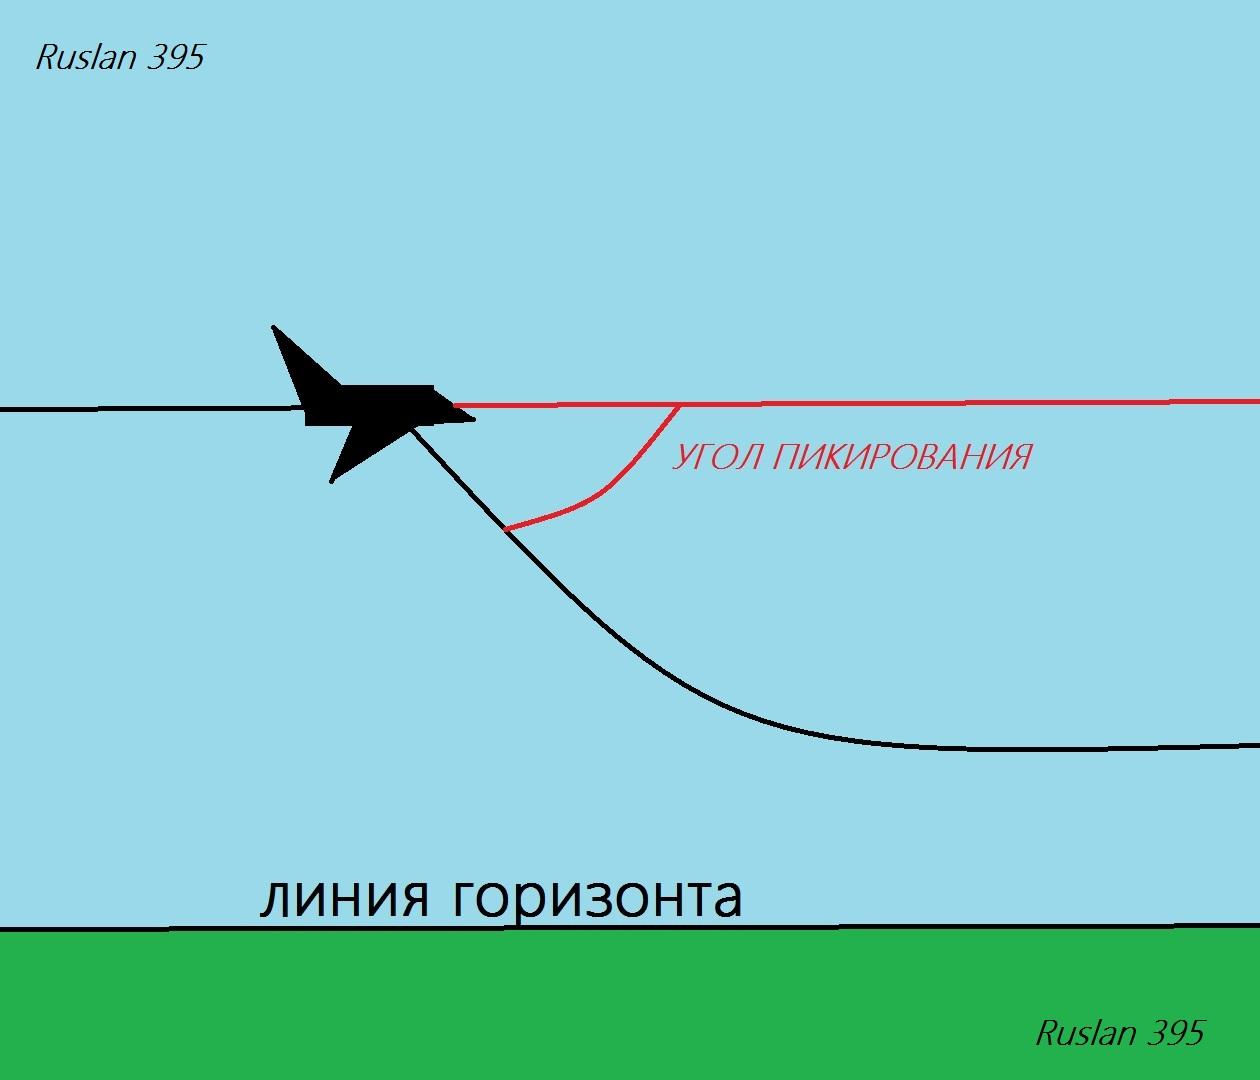 Горизонтальный полет самолета схема сил